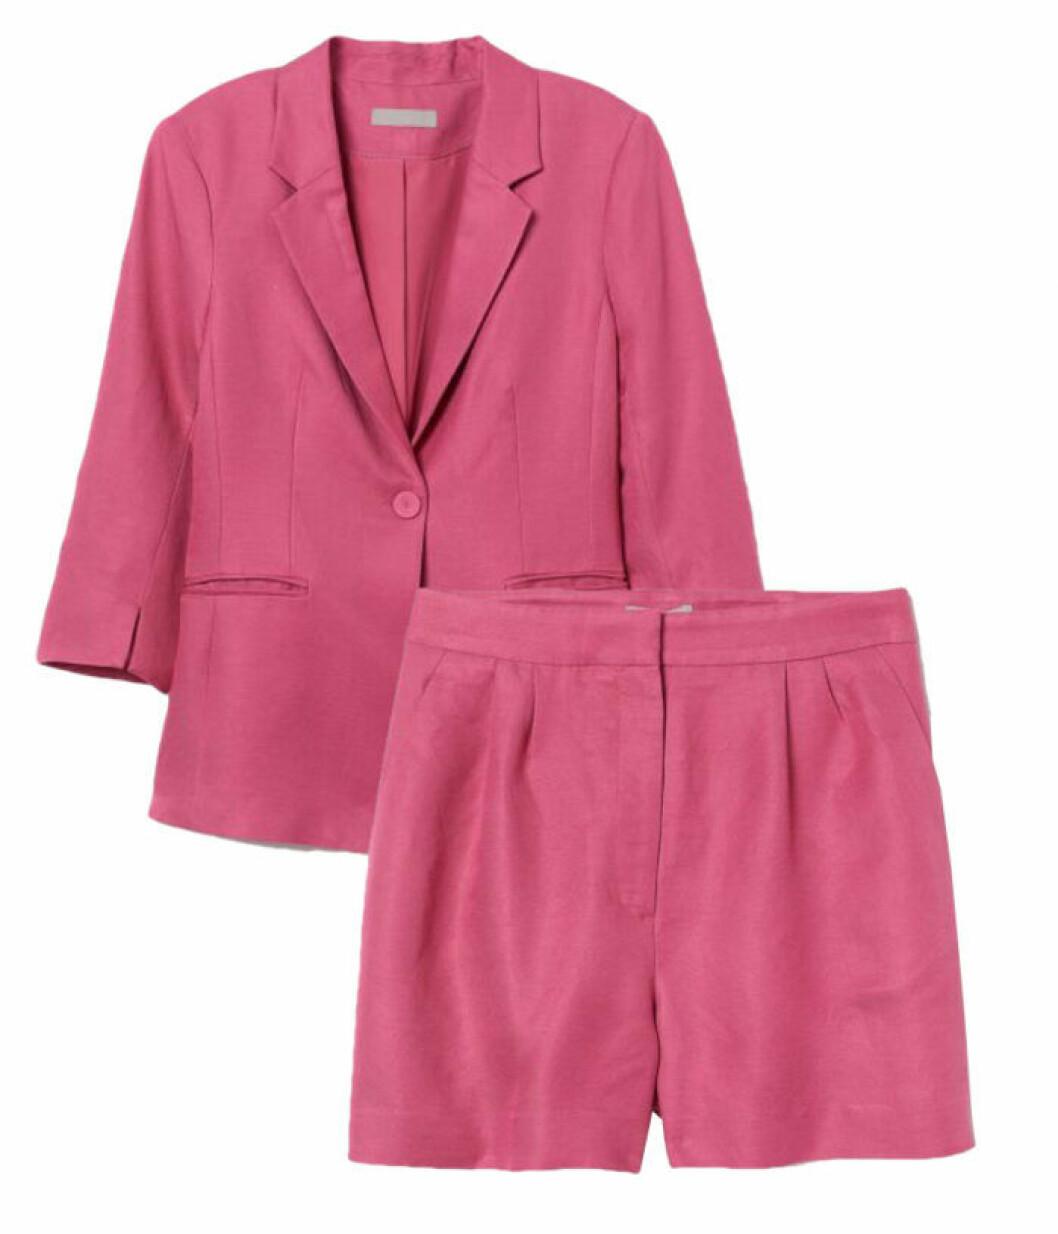 Rosa set i linne från H&M